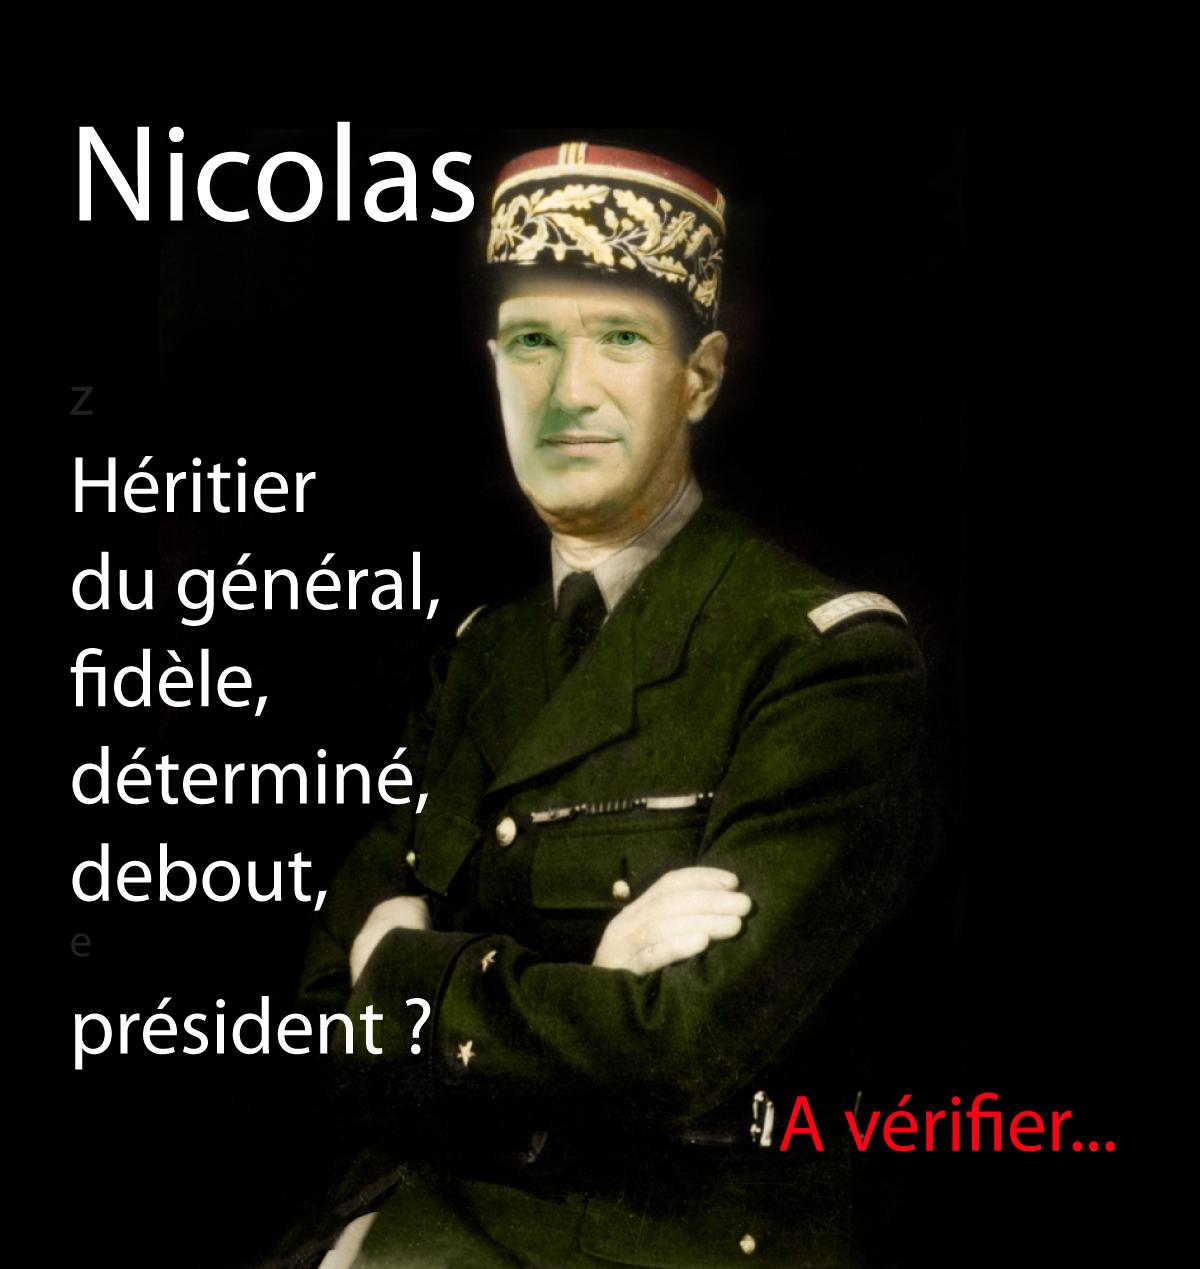 Nicolas DUPONT-AIGNANT